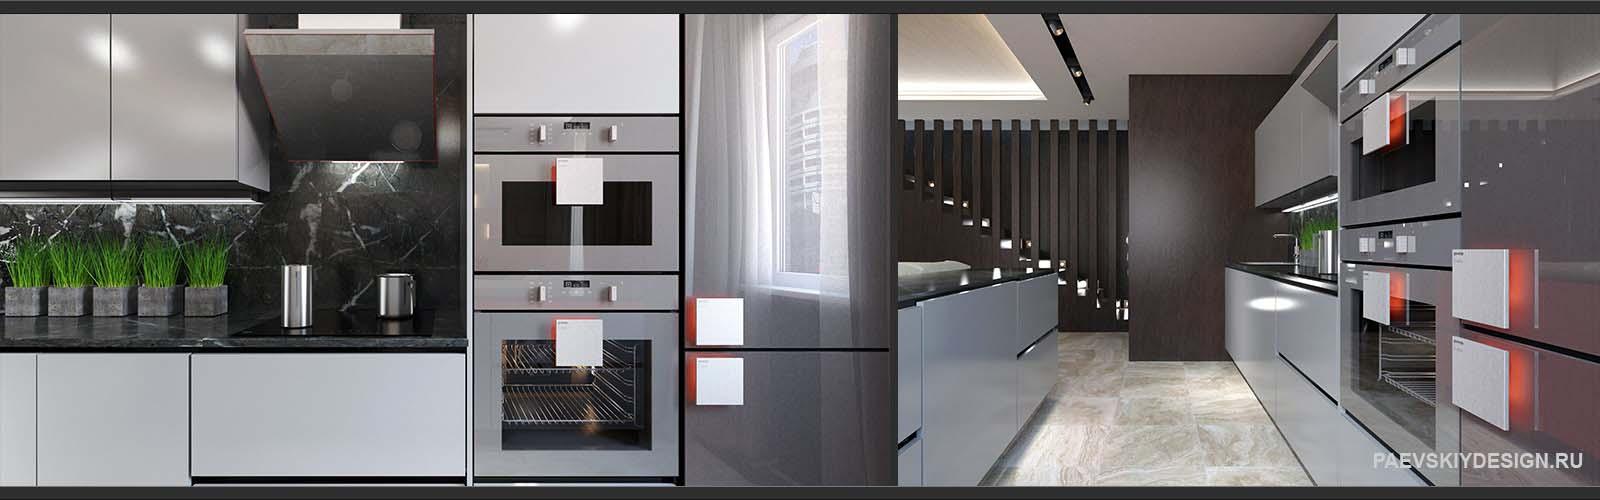 Современный интерьер с авторской мебелью для кухни